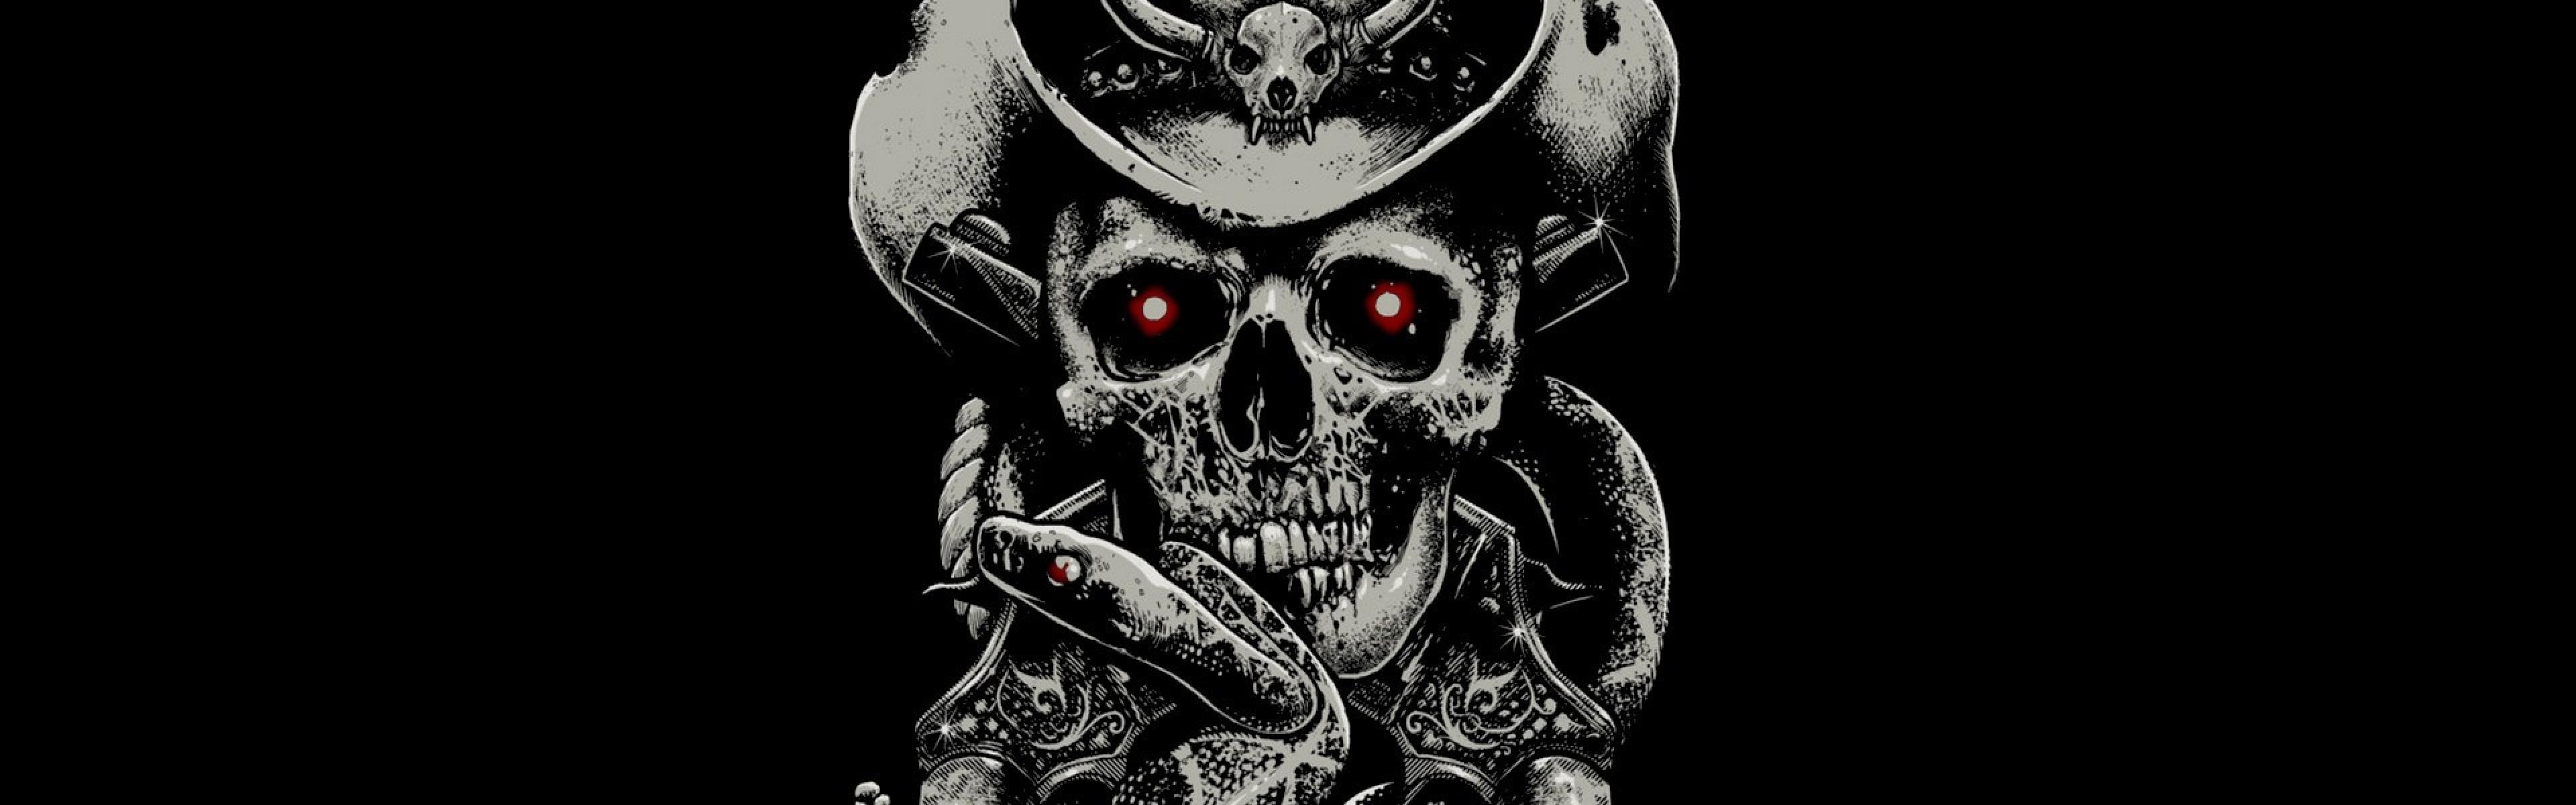 Preview wallpaper skull, fear, hat, guns, snake, background 3840×1200